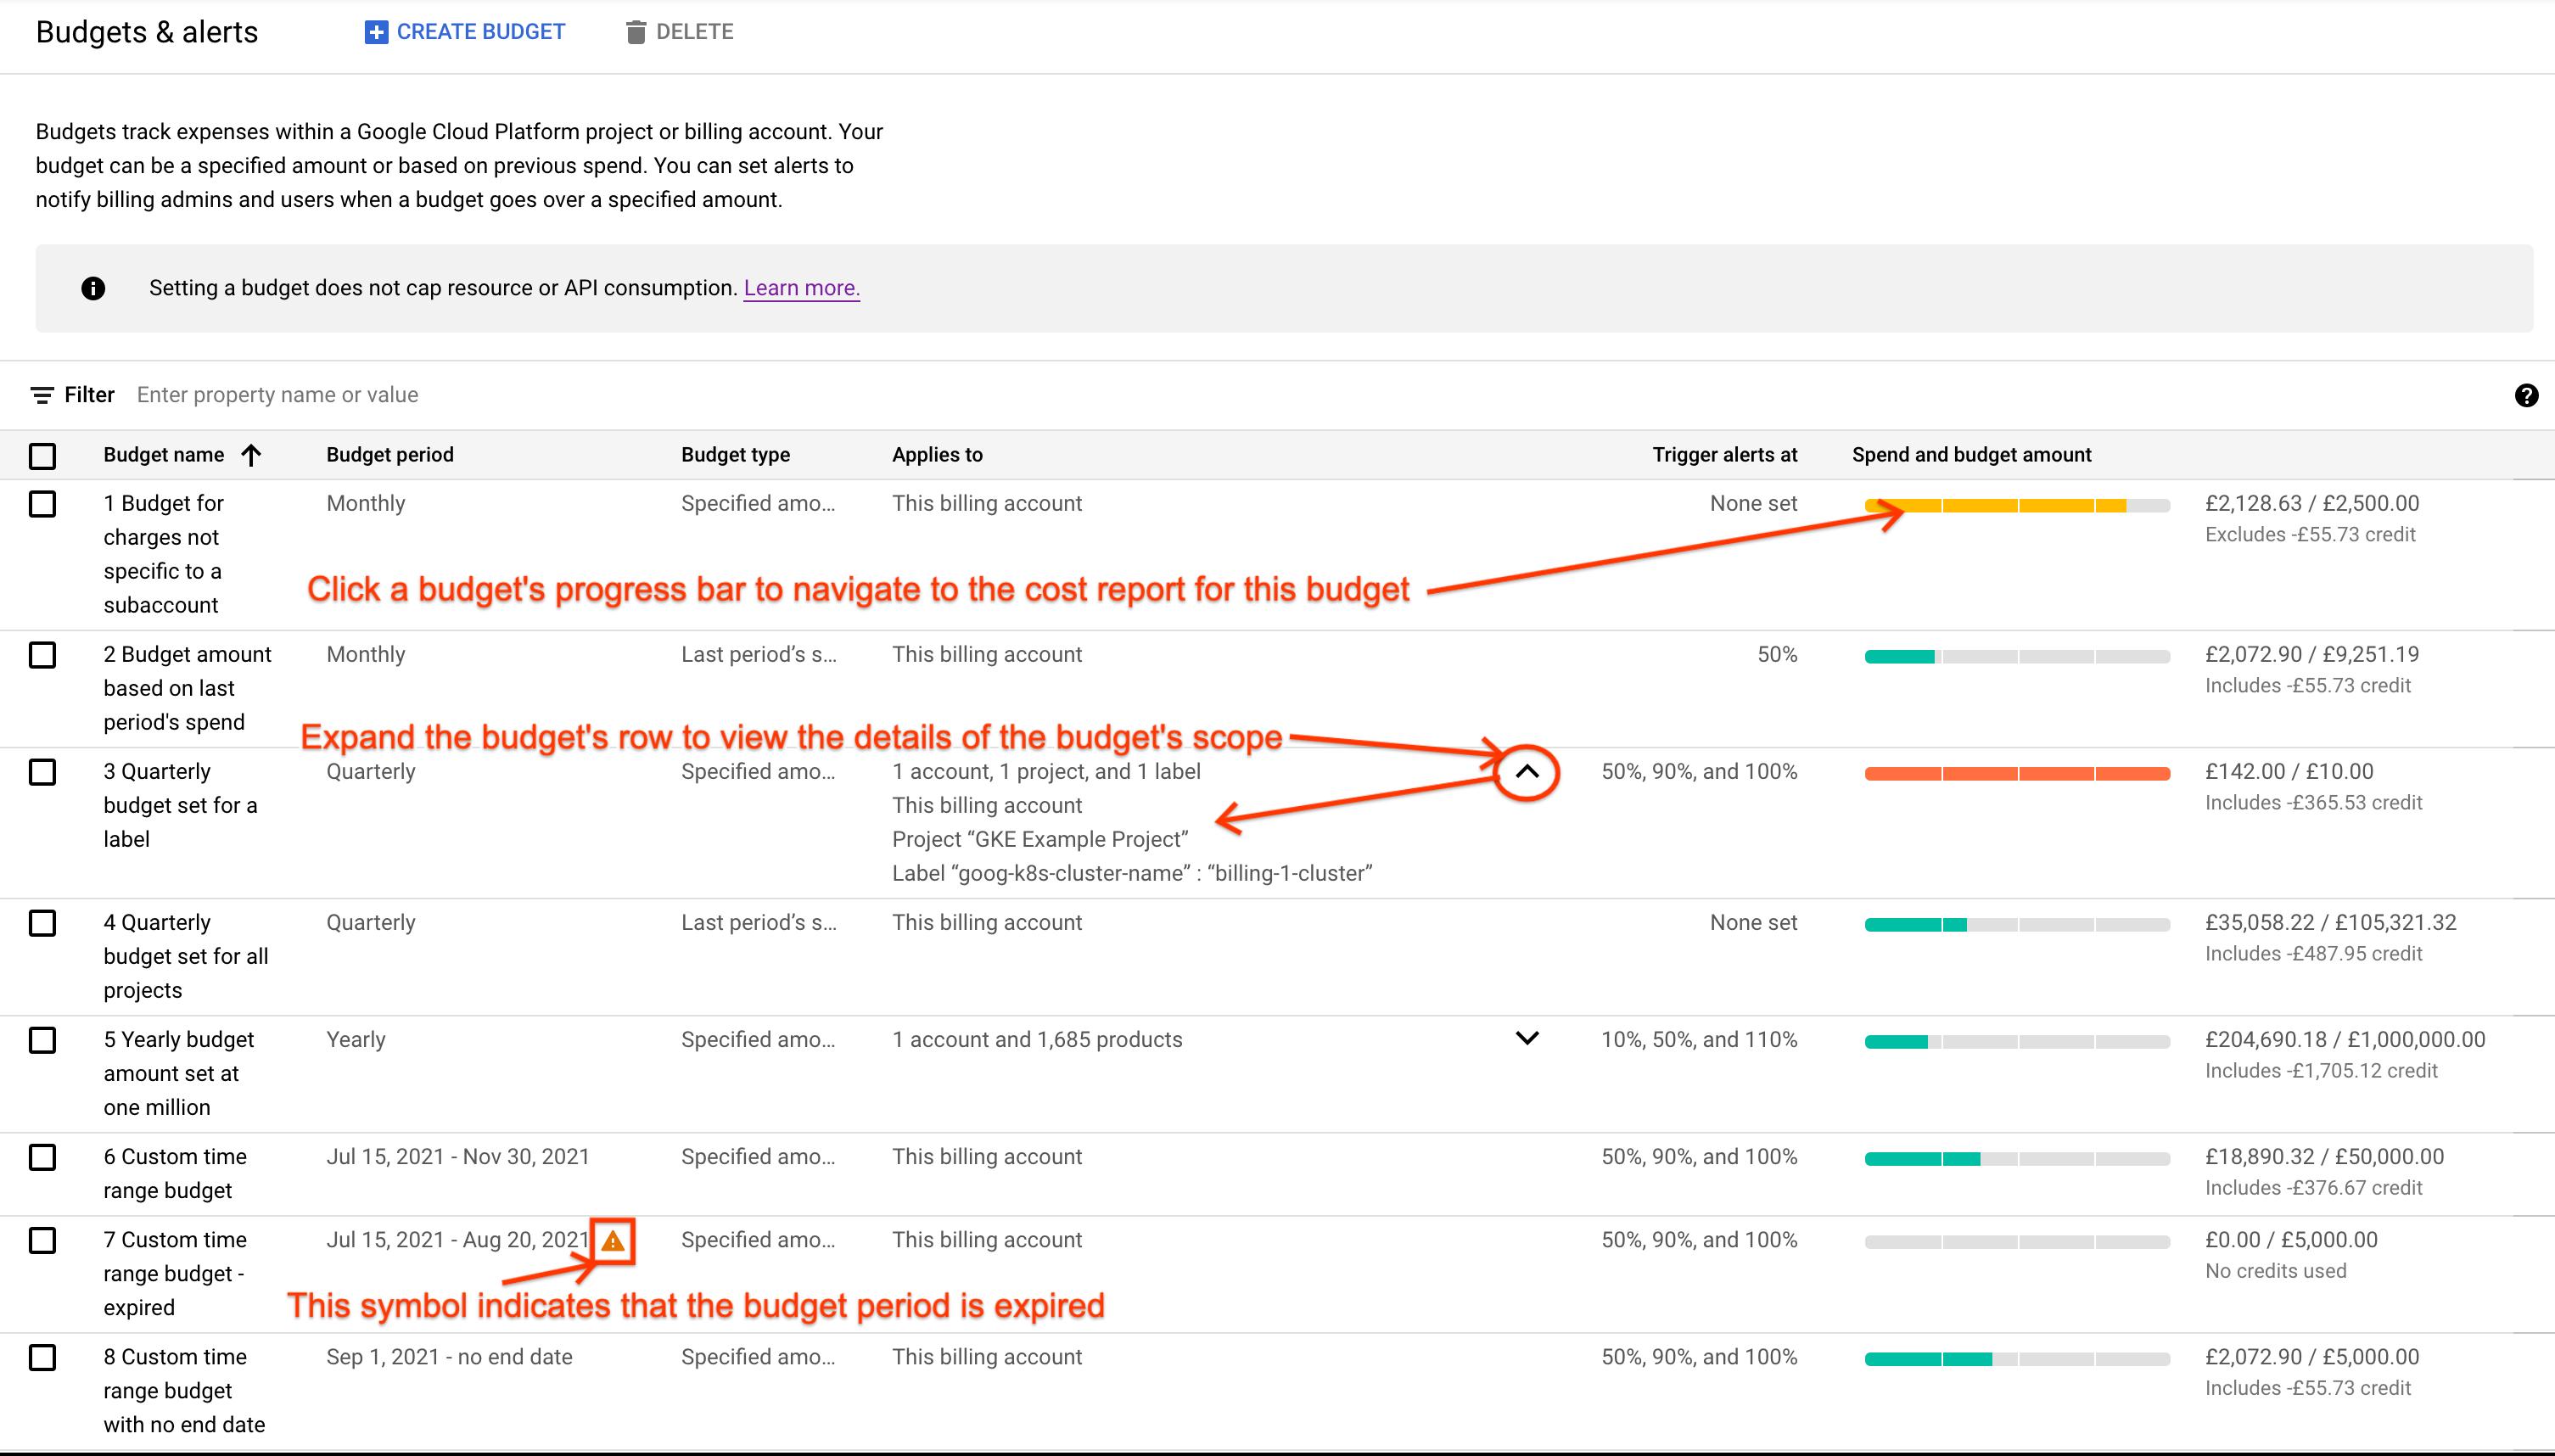 """Exemple de page """"Budgets et alertes"""" accessible dans Google CloudConsole. La page affiche une liste de budgets sous forme de tableau."""